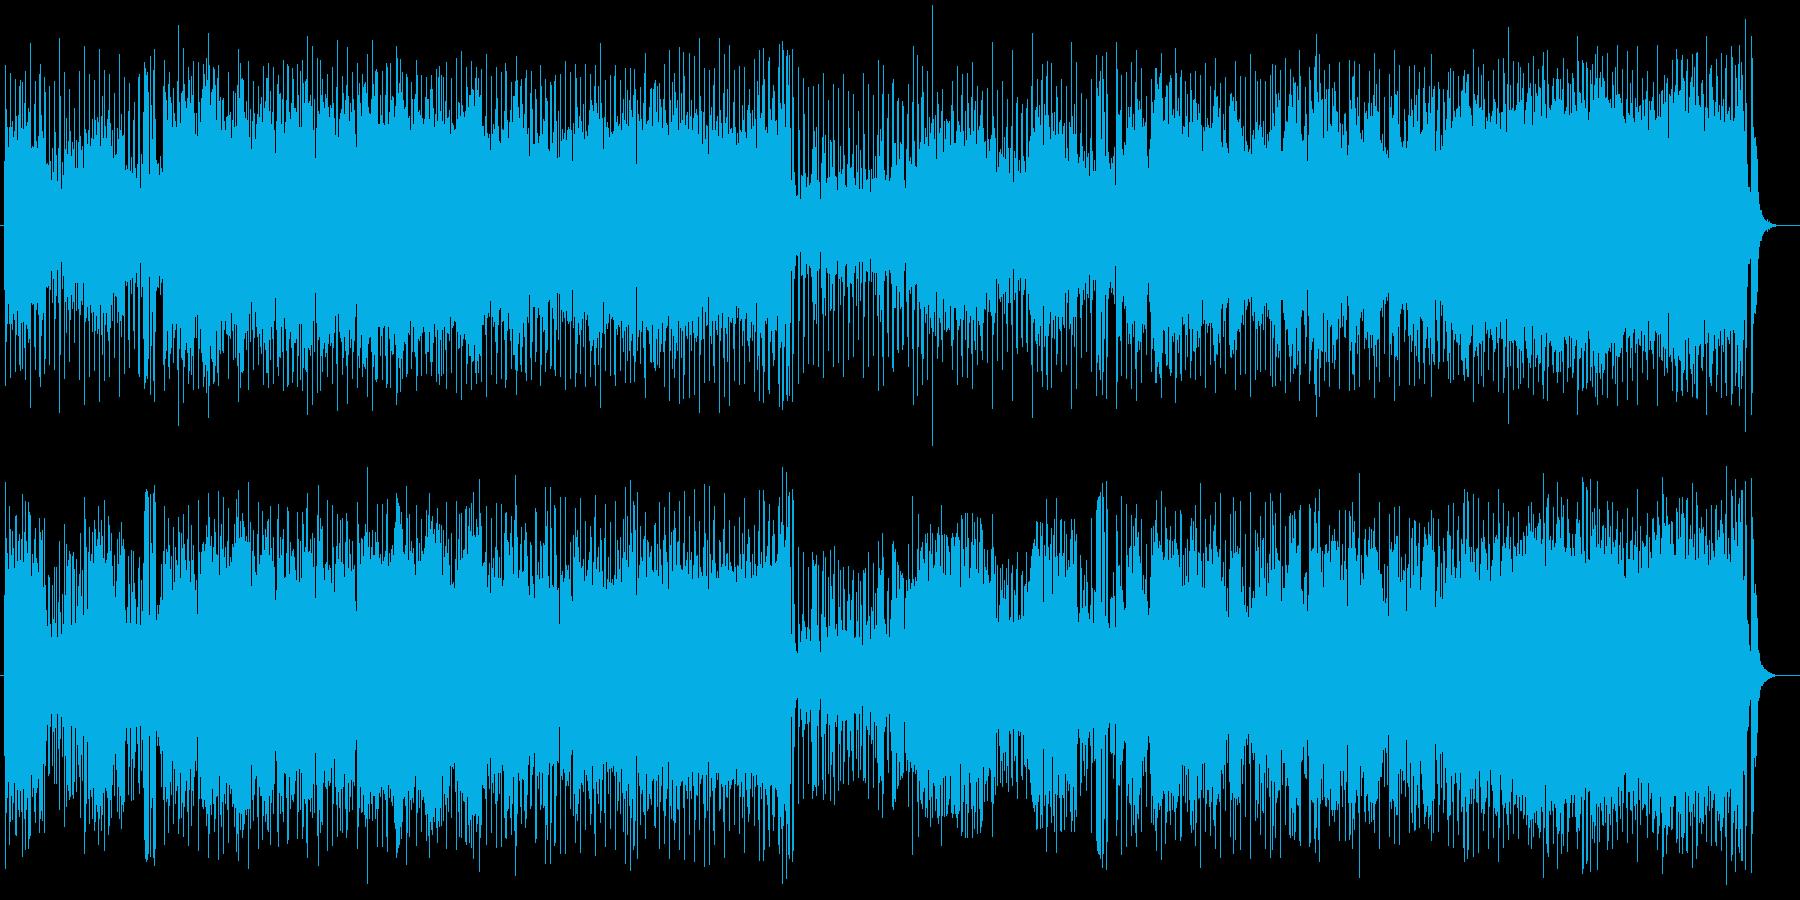 軽快なサンバのポップスの再生済みの波形